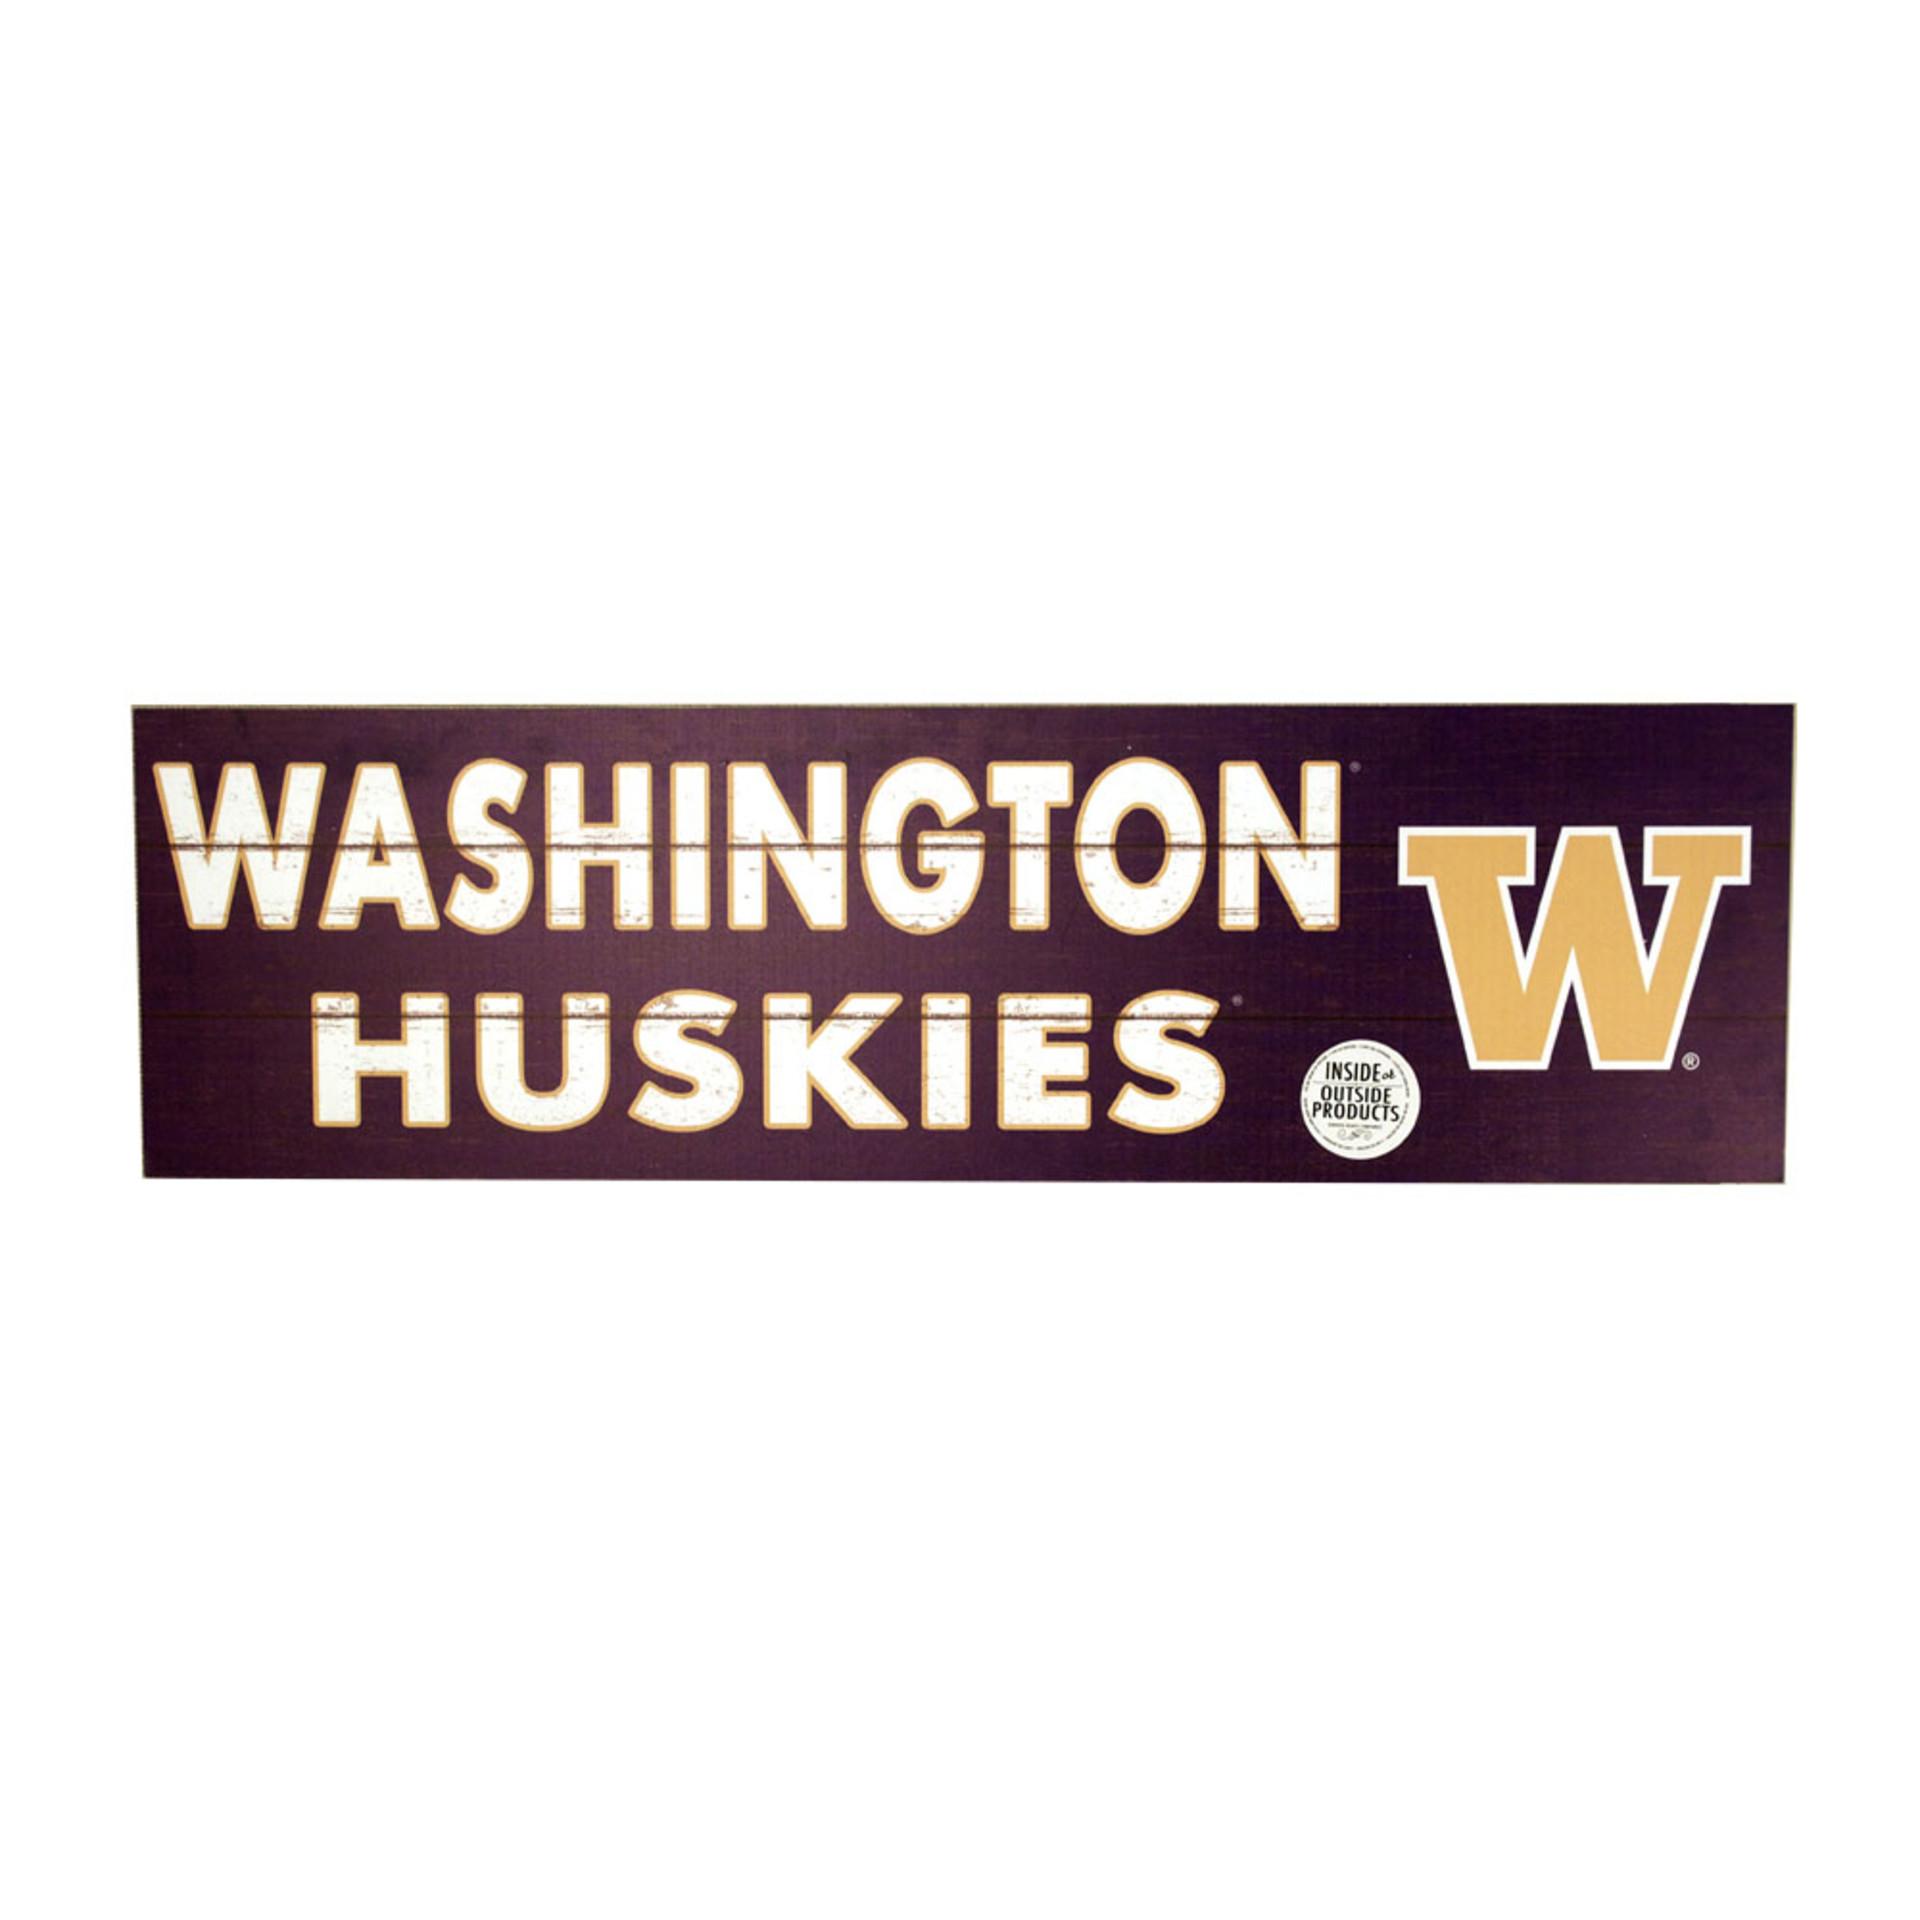 Washington Huskies W Indoor/Outdoor Sign 35x10